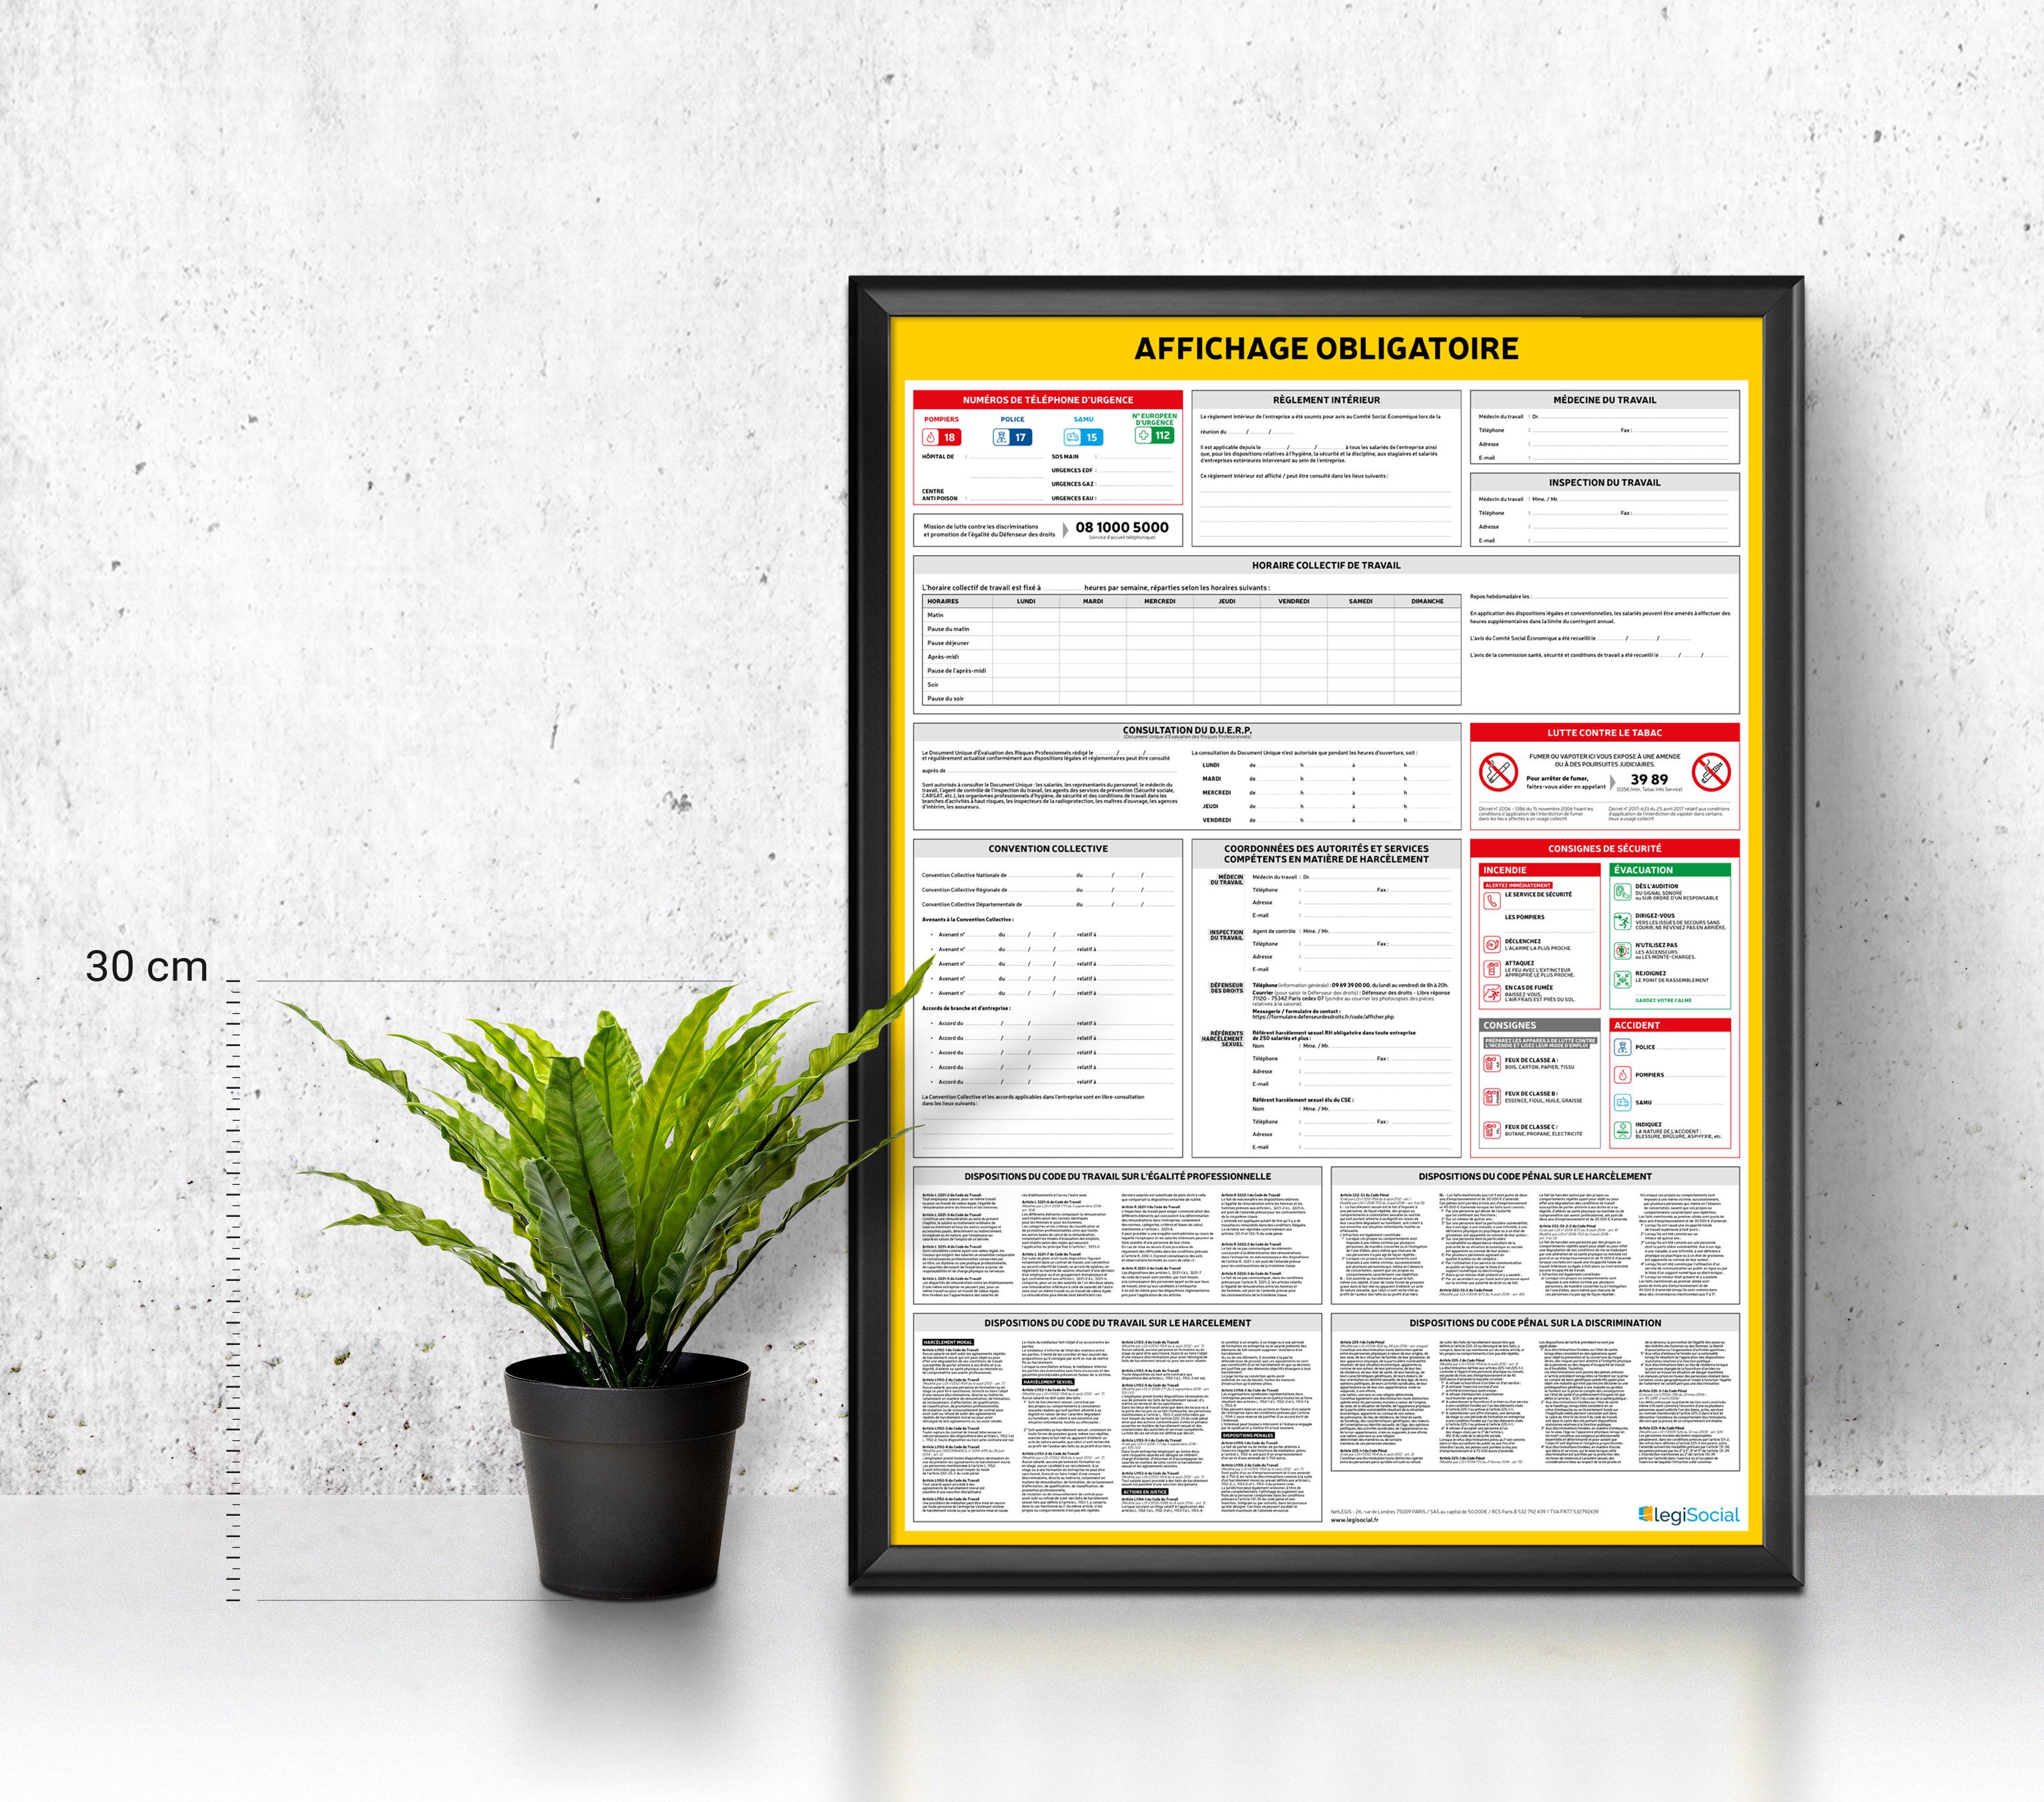 Affichage Obligatoire Tout En Un Pour Les Entreprises Jusqu A 10 Salaries